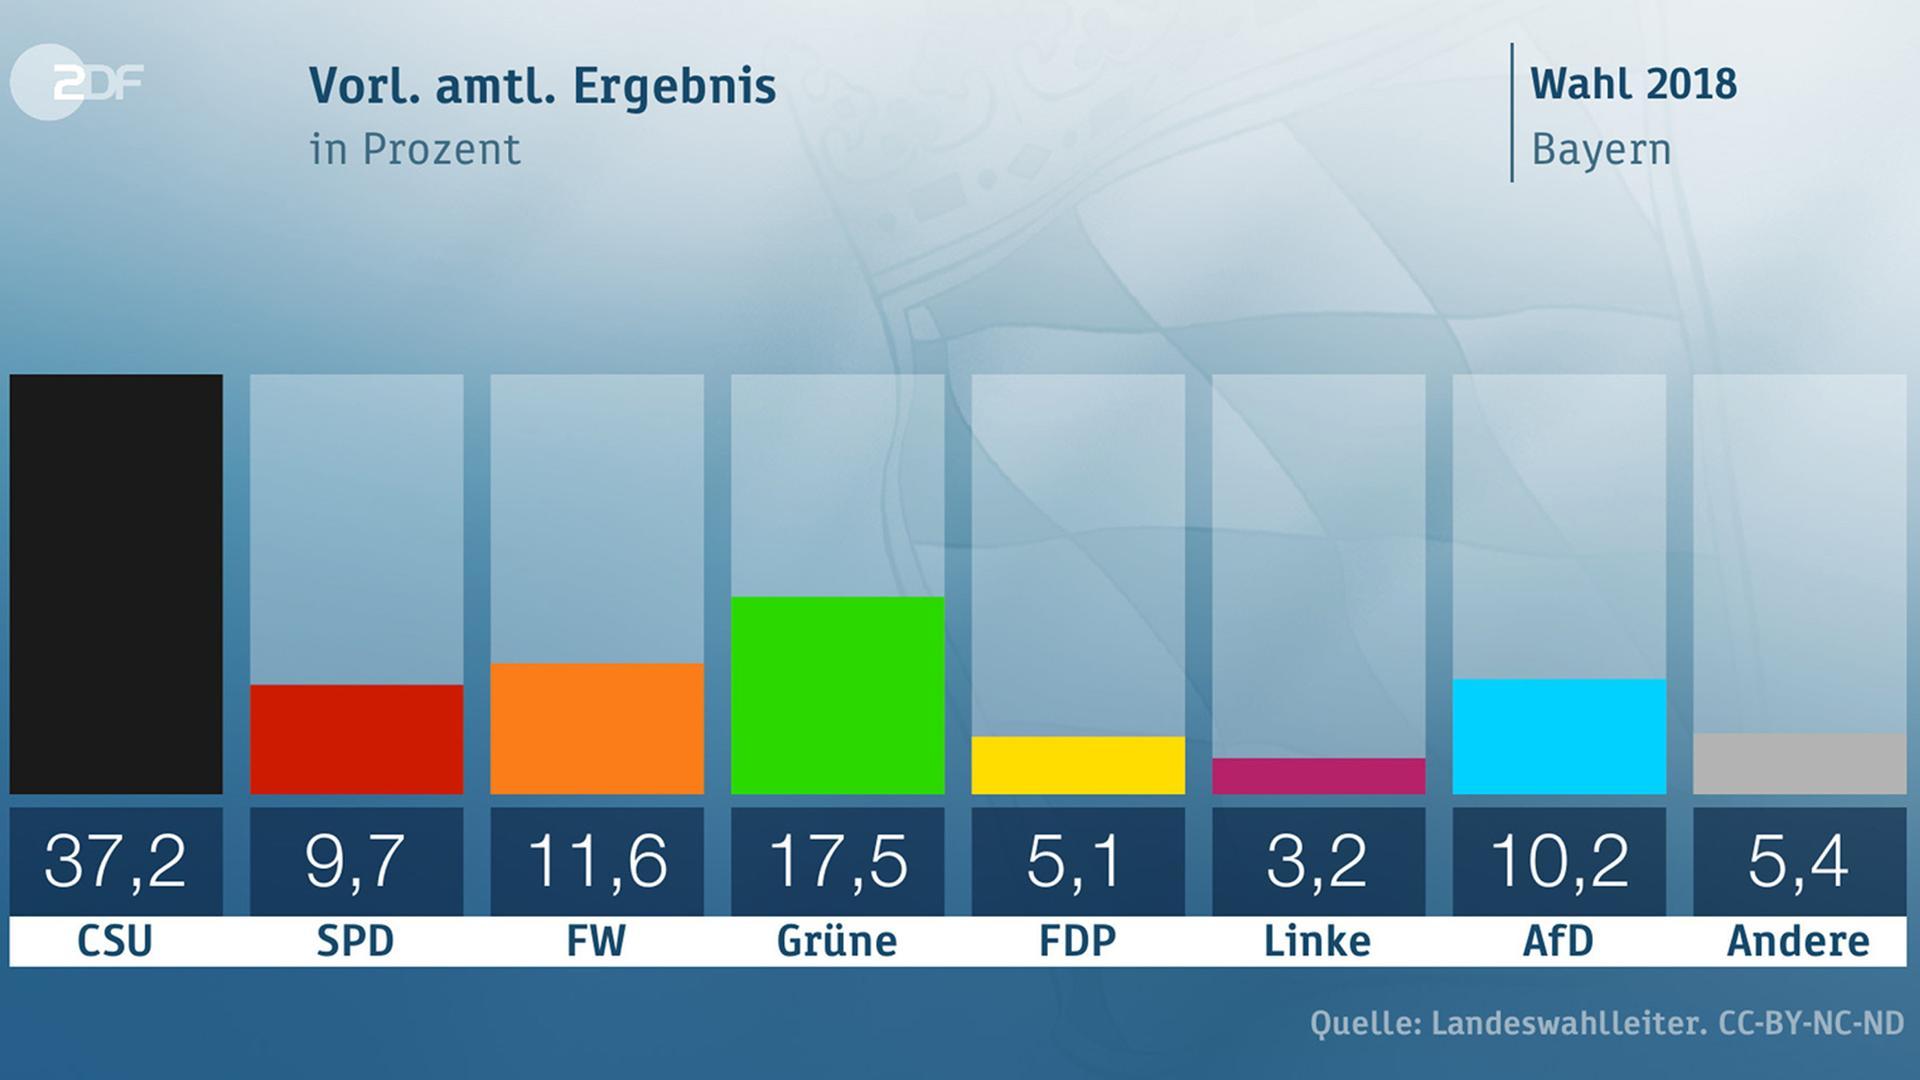 Wahl in Bayern 2018: Vorläufiges amtliches Ergebnis